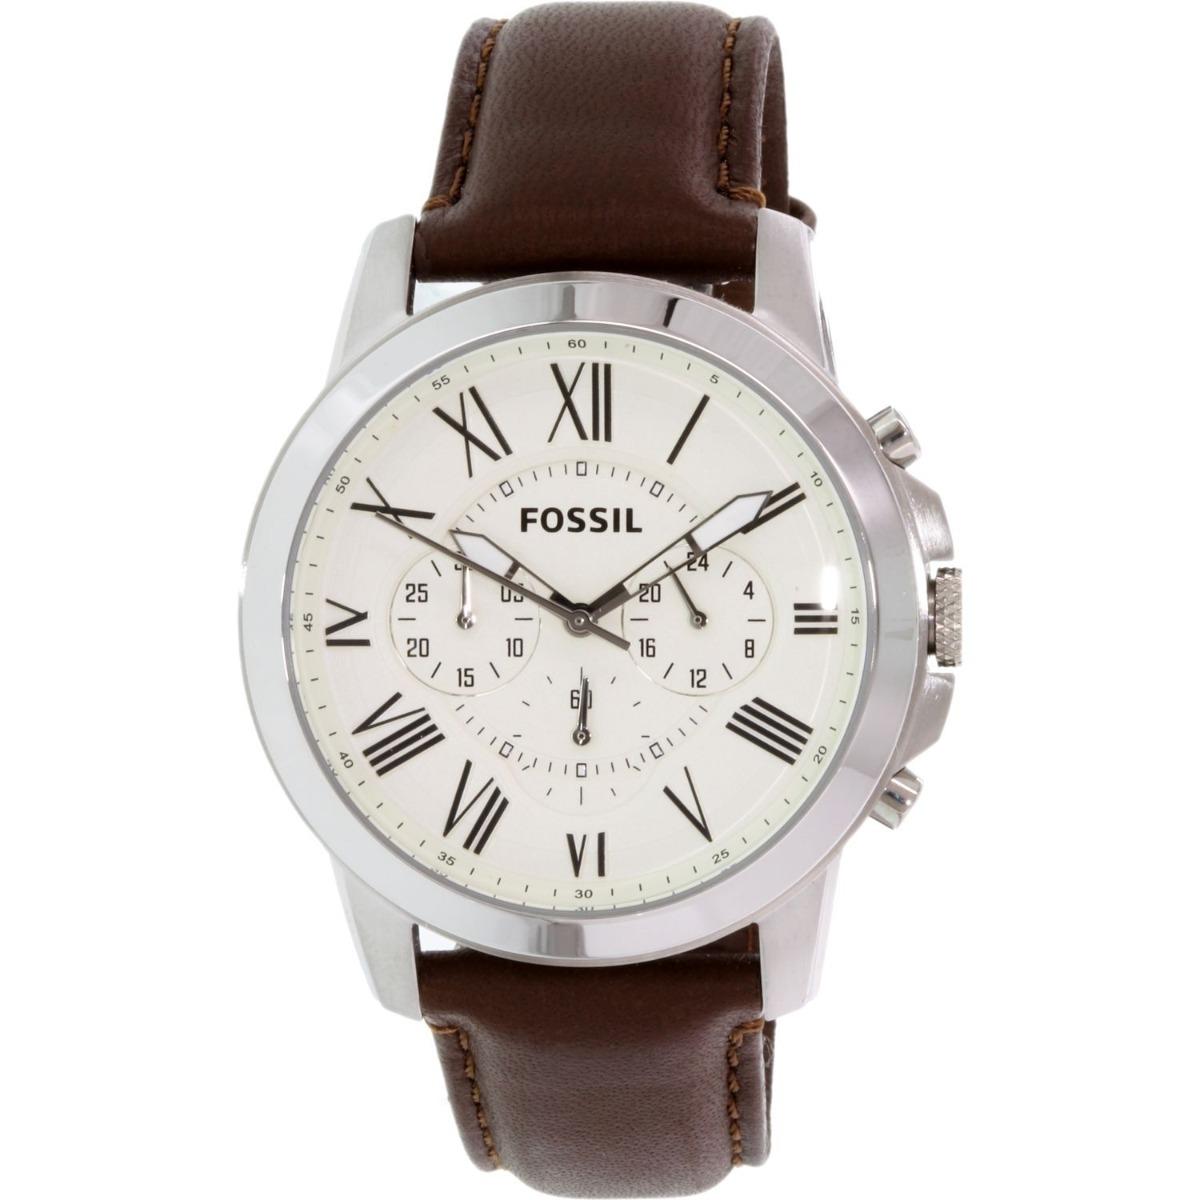 015c3598f82d Reloj Fossil Men s Grant Fs4735 - Manilla Cuero Marrón -   280.000 ...